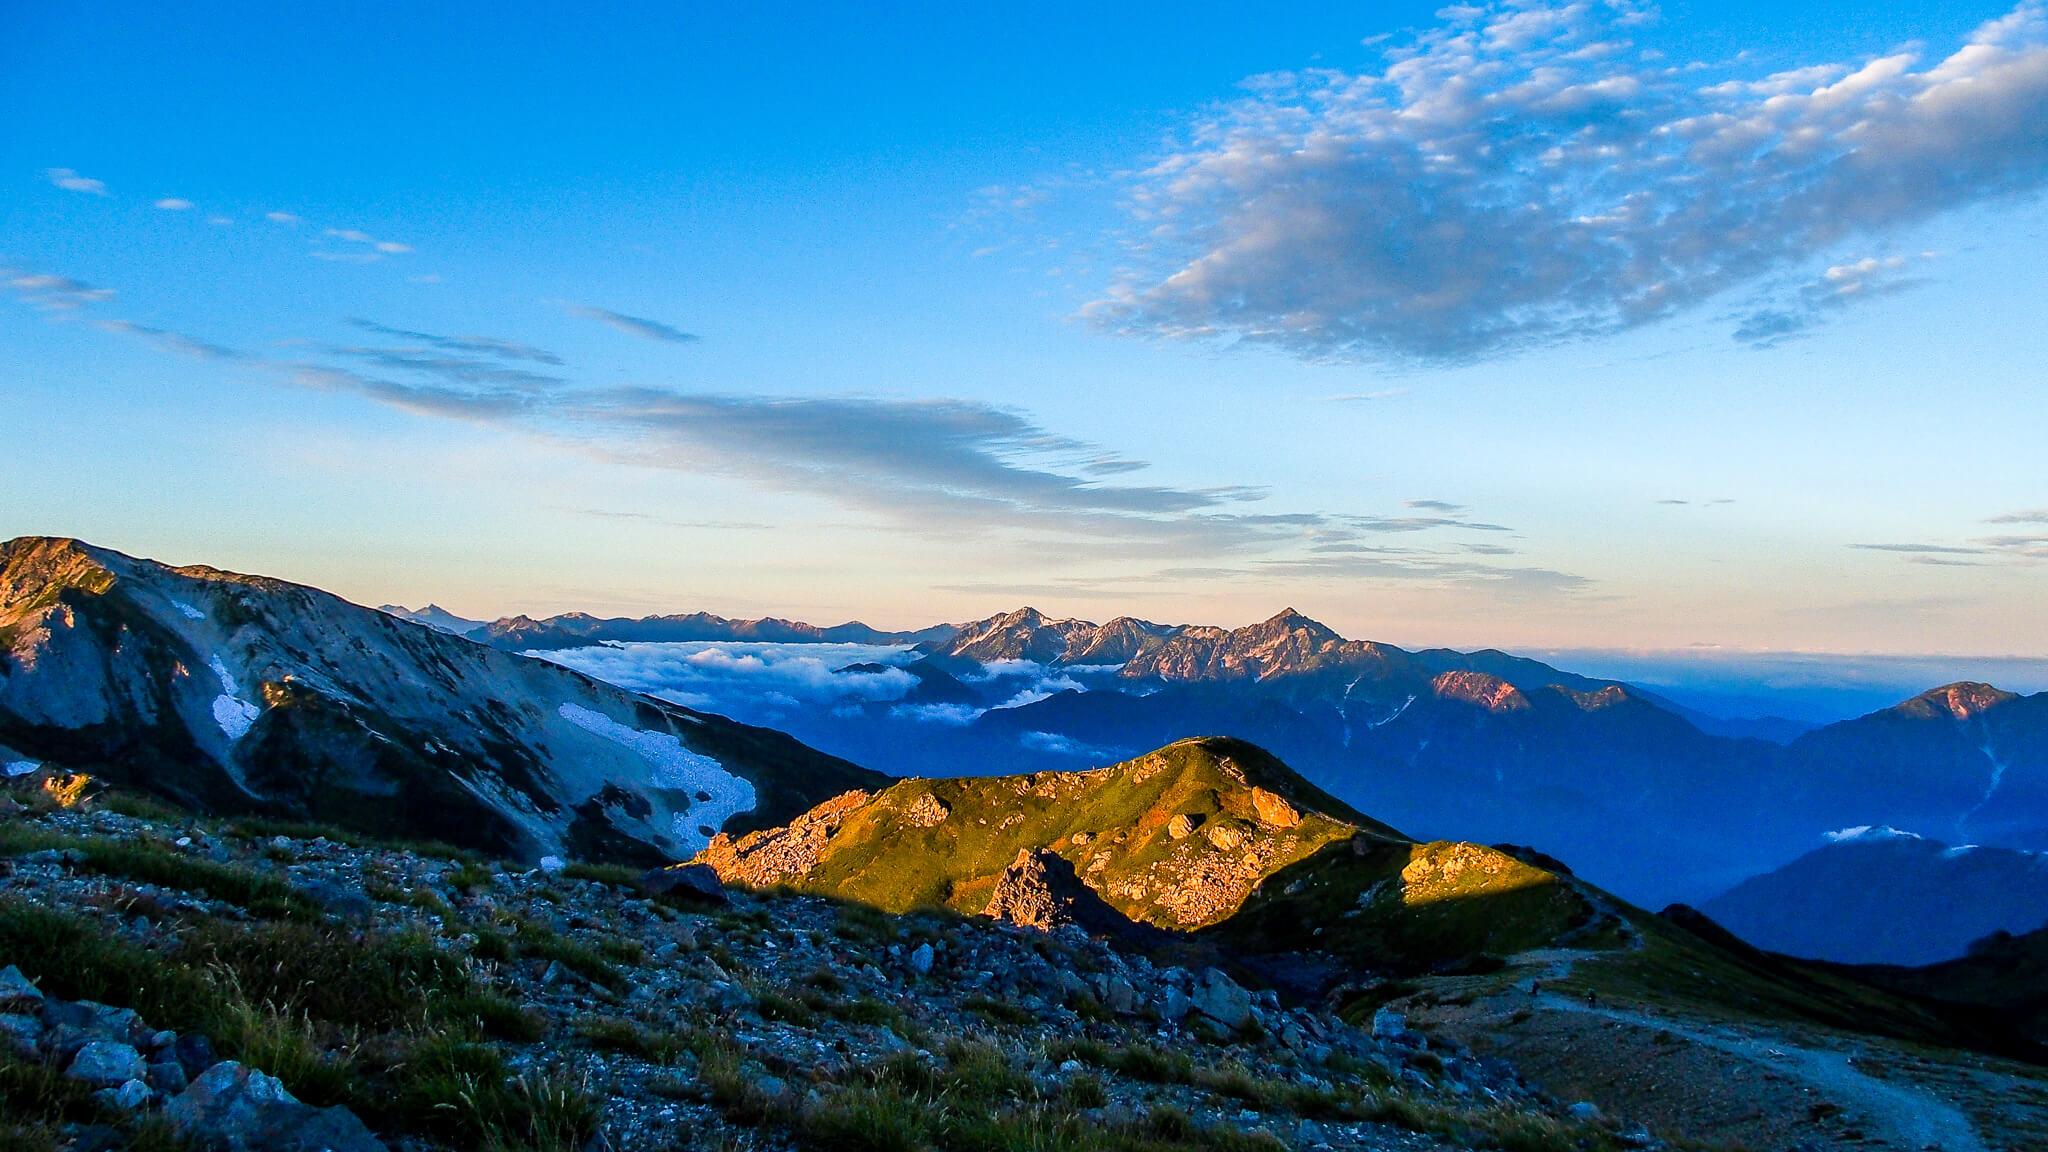 白馬岳・白馬山荘へ向かう道の途中からの剱・立山連峰